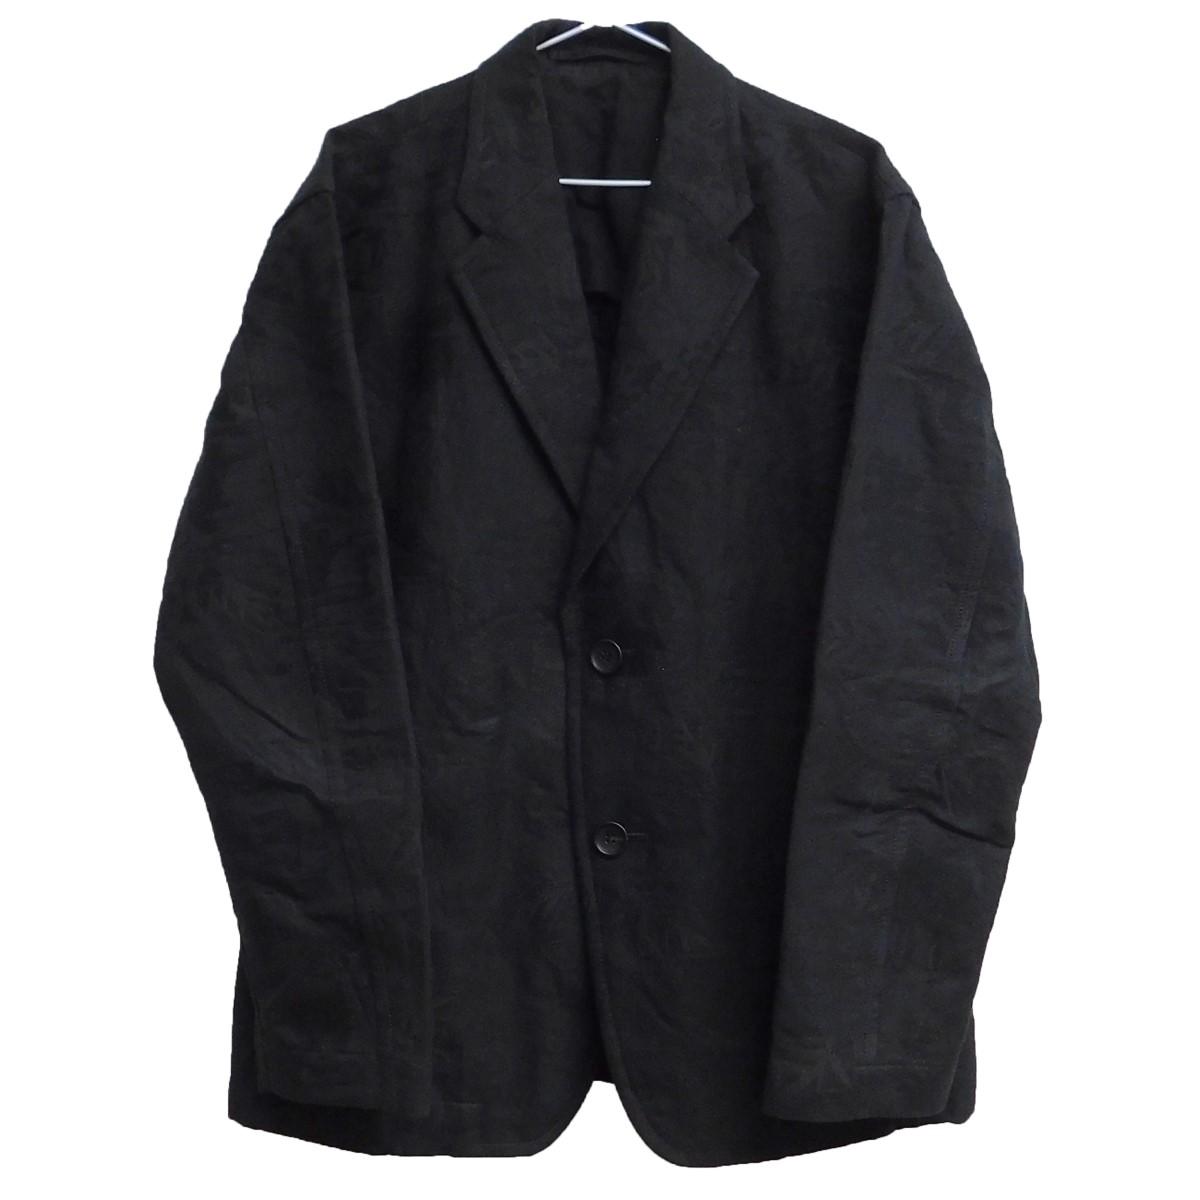 【中古】ISSEY MIYAKE MEN 2020SS ジャガード花柄ジャケット ブラック サイズ:2 【290720】(イッセイミヤケ)